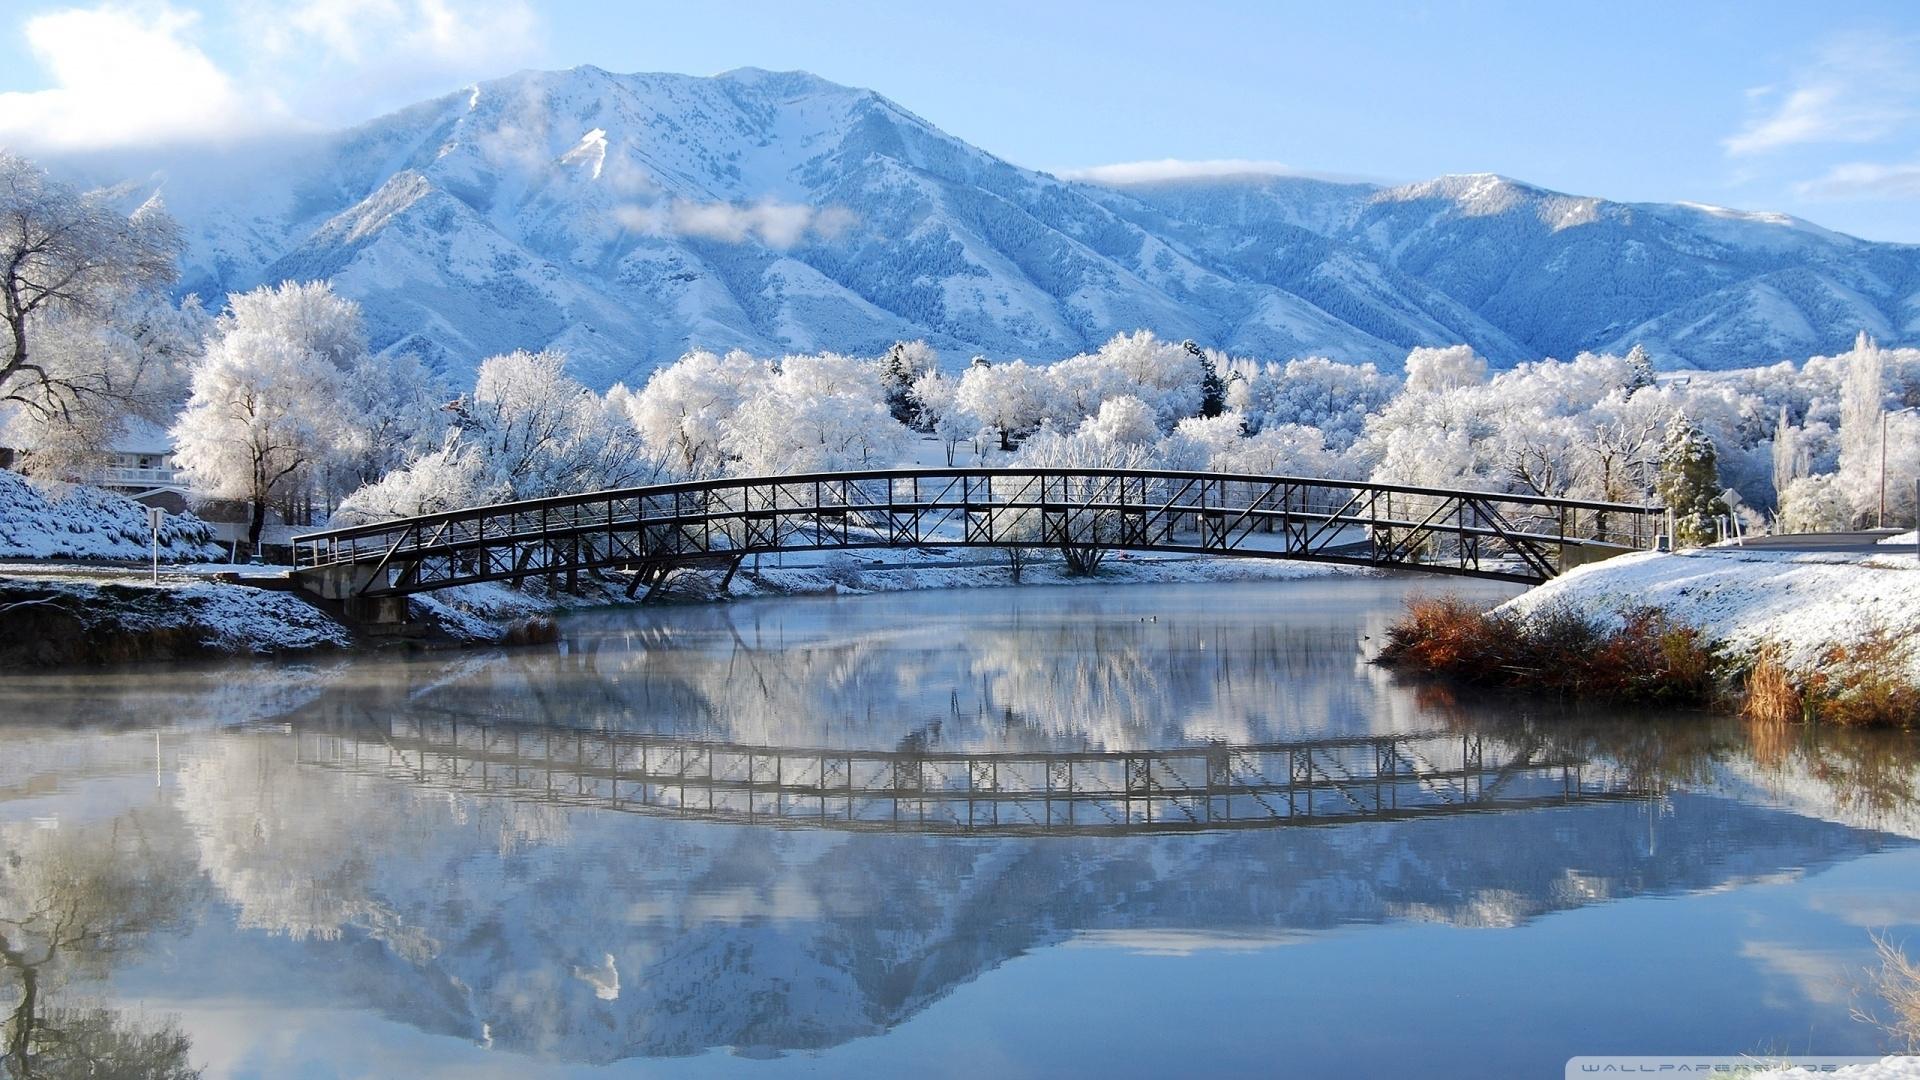 beautiful winter scene ❤ 4k hd desktop wallpaper for 4k ultra hd tv